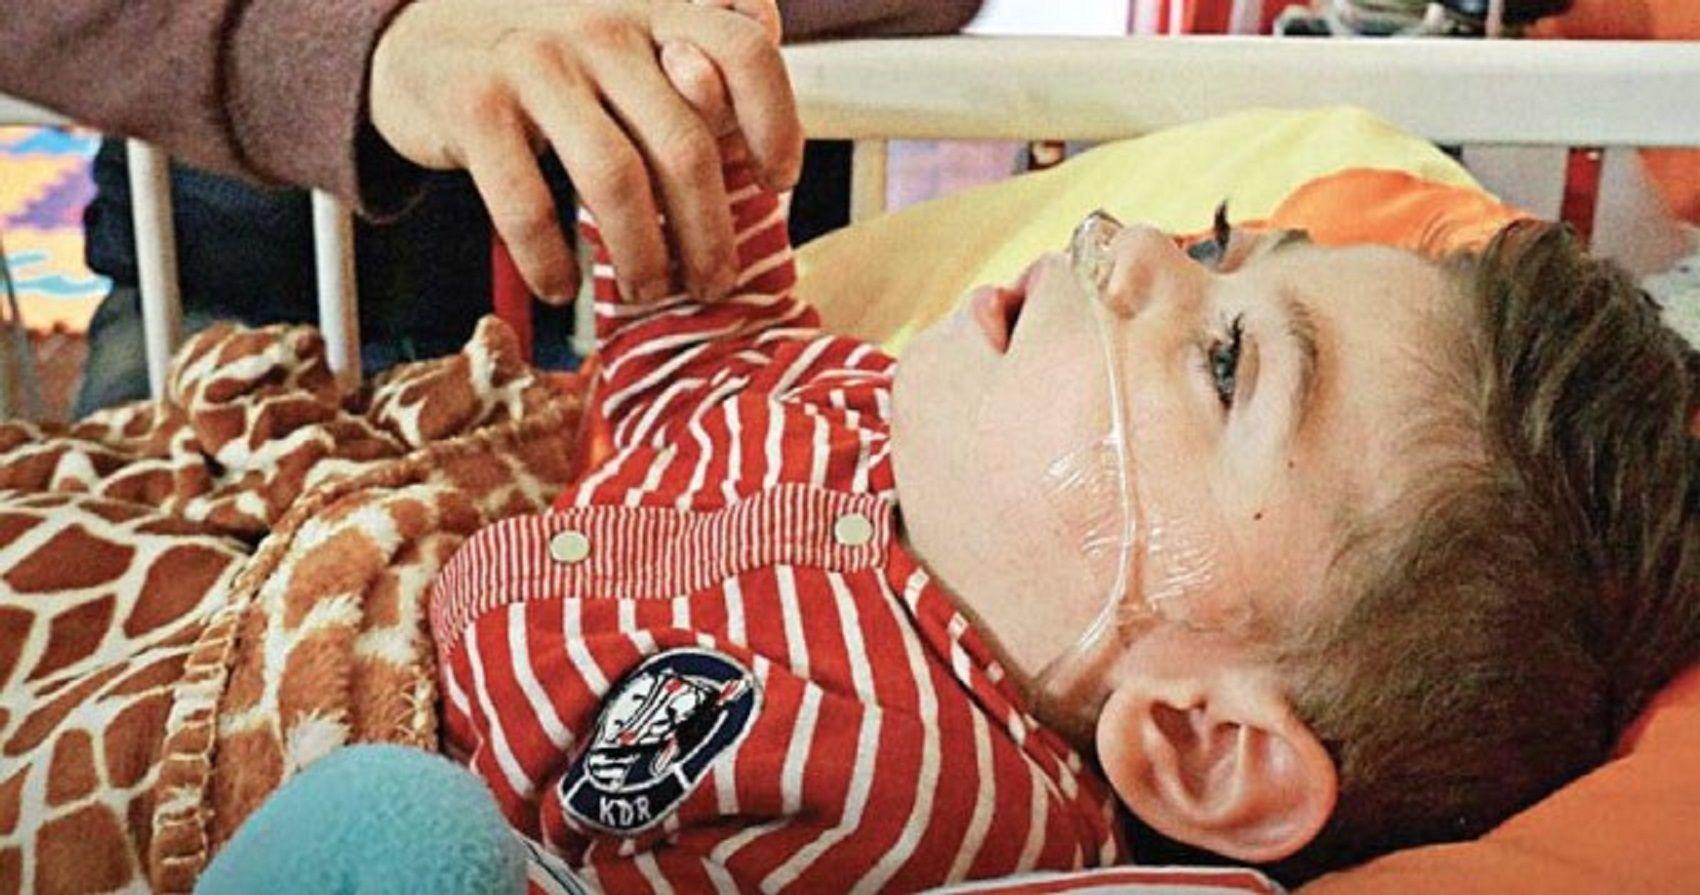 La difícil vida de Joaquín, un electrodependiente que paga por respirar